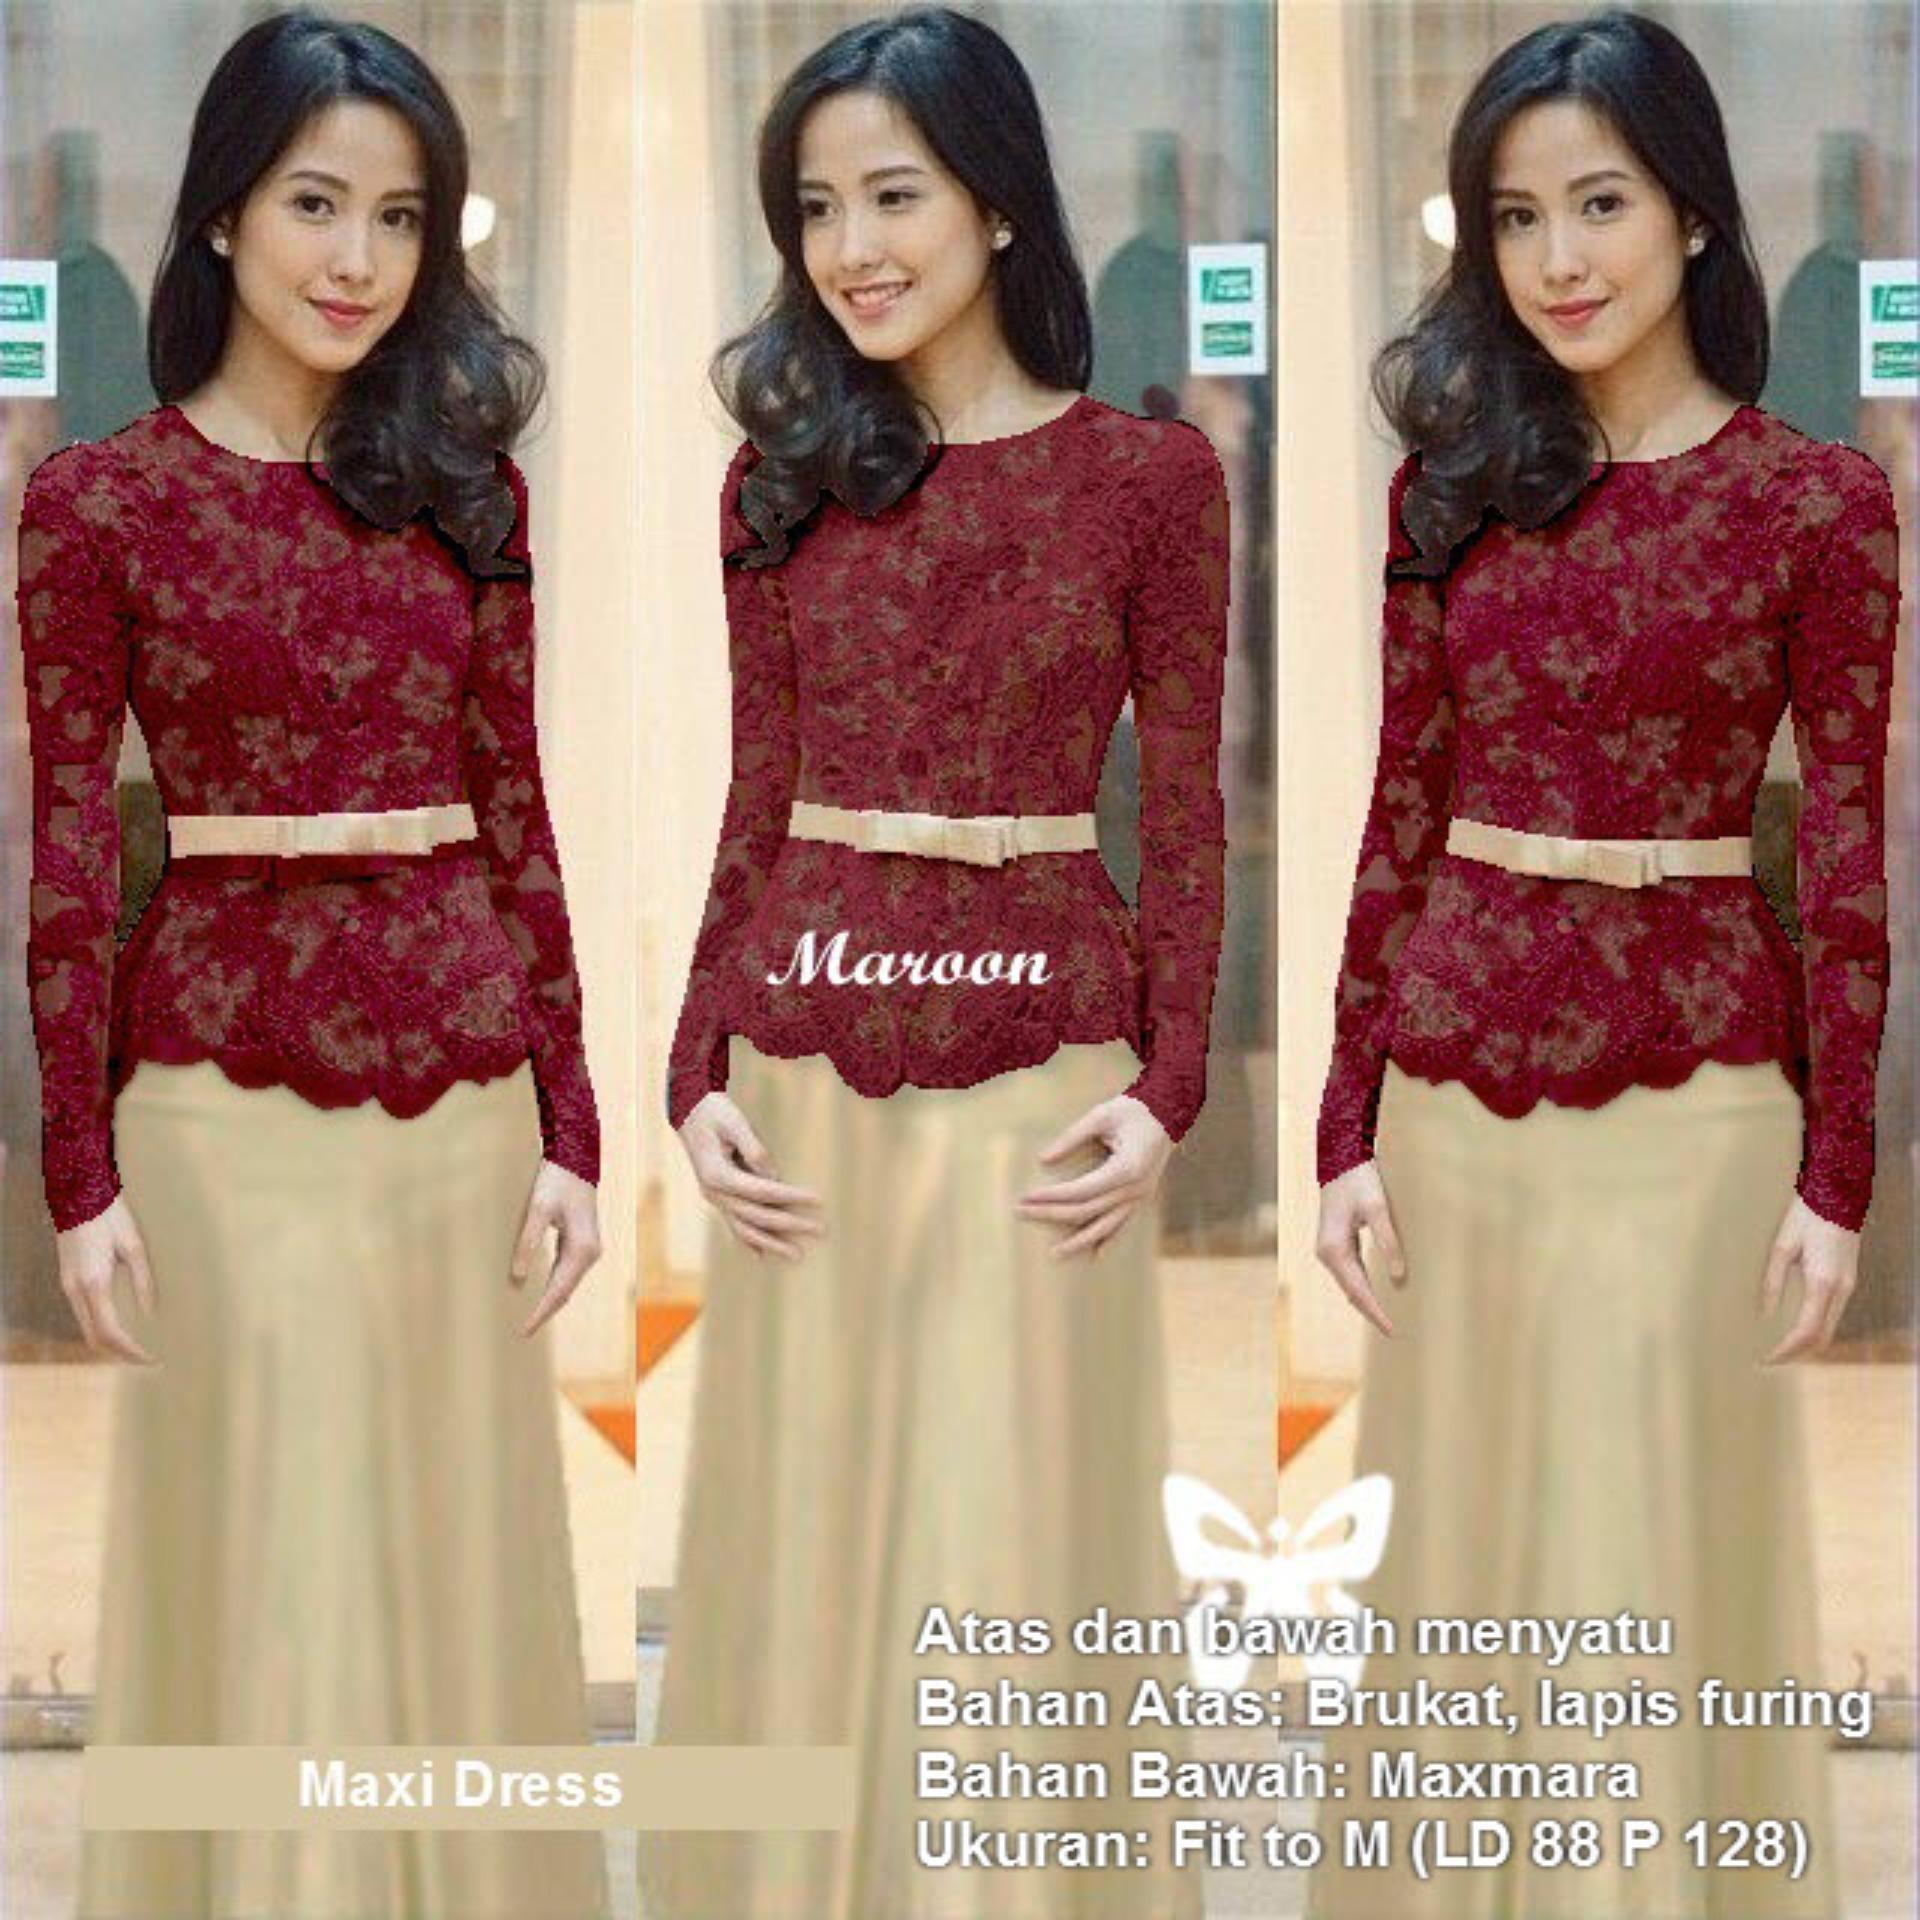 Maxi Dress Lengan Panjang Brukat Msr146 Kebaya Modern Gamis Syari Gaun Pesta Muslimah Baju Muslim Wanita Syar I Hijab Brokat Srmeliana